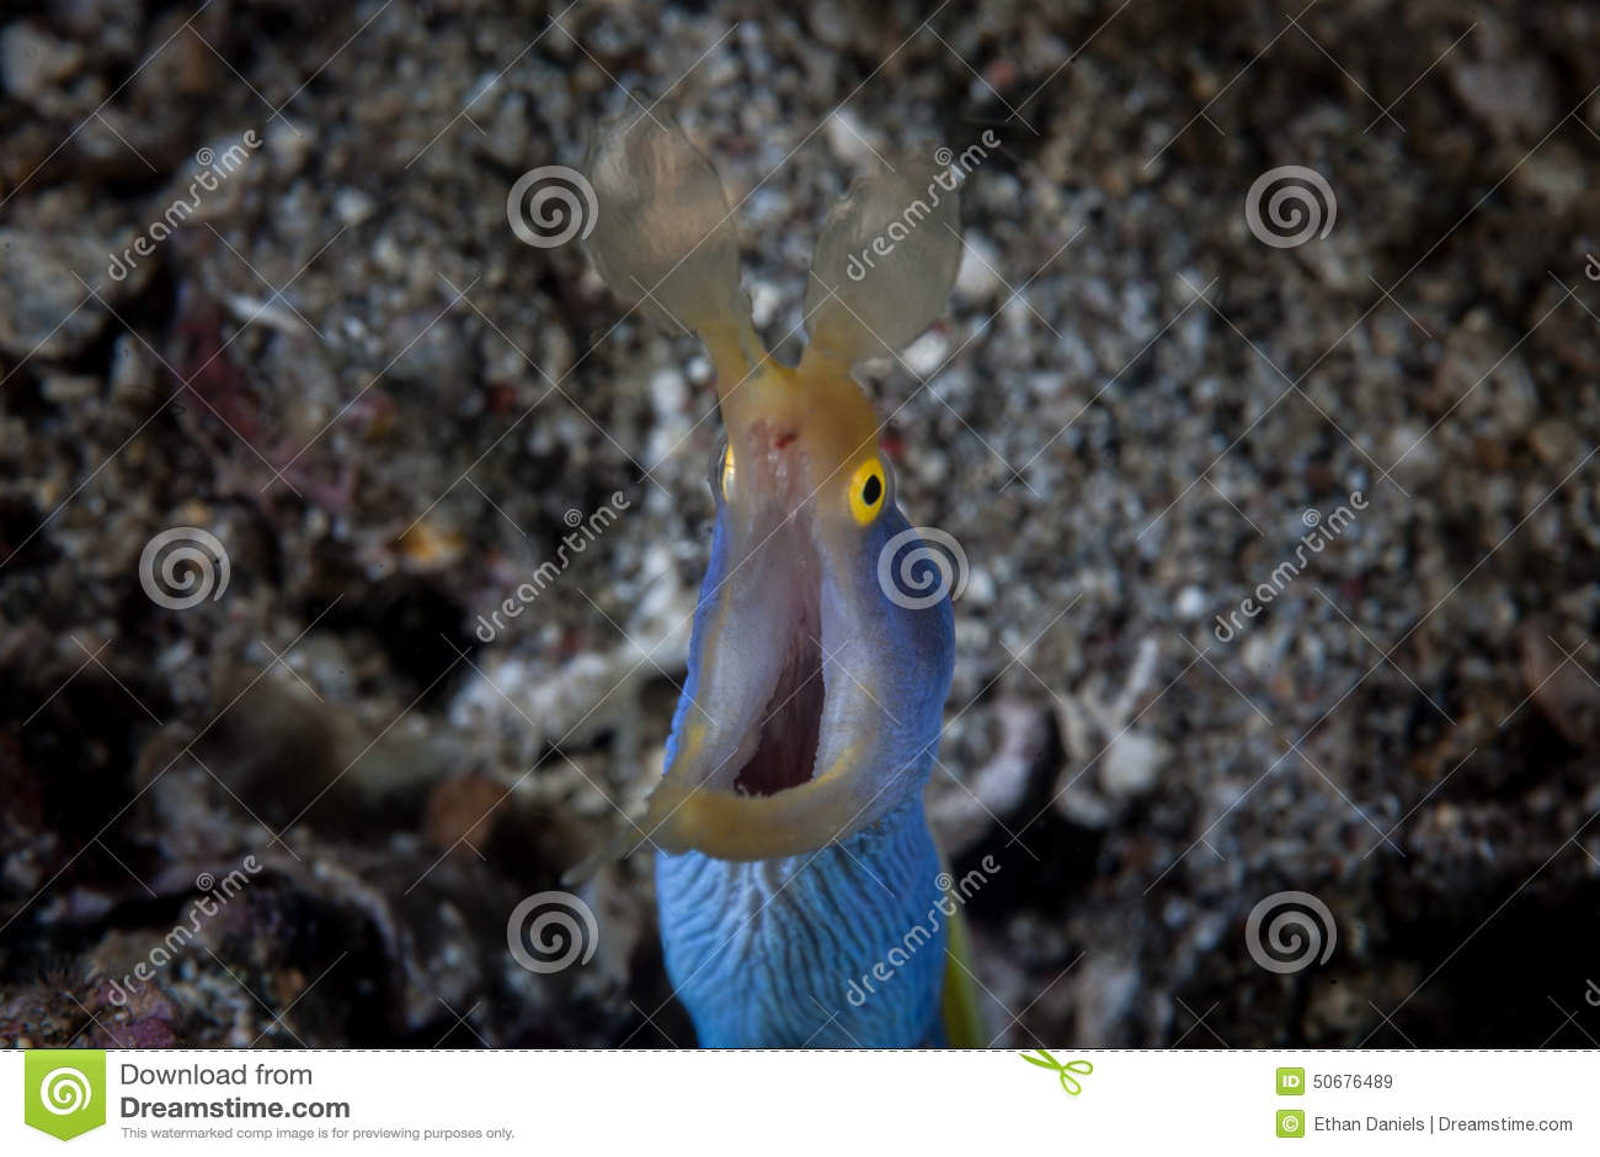 Download 丝带鳗鱼面孔 库存图片. 图片 包括有 敌意, 飞蛾, 传记, 生态, 鳗鱼, 潜水, 印度尼西亚, 海洋 - 50676489